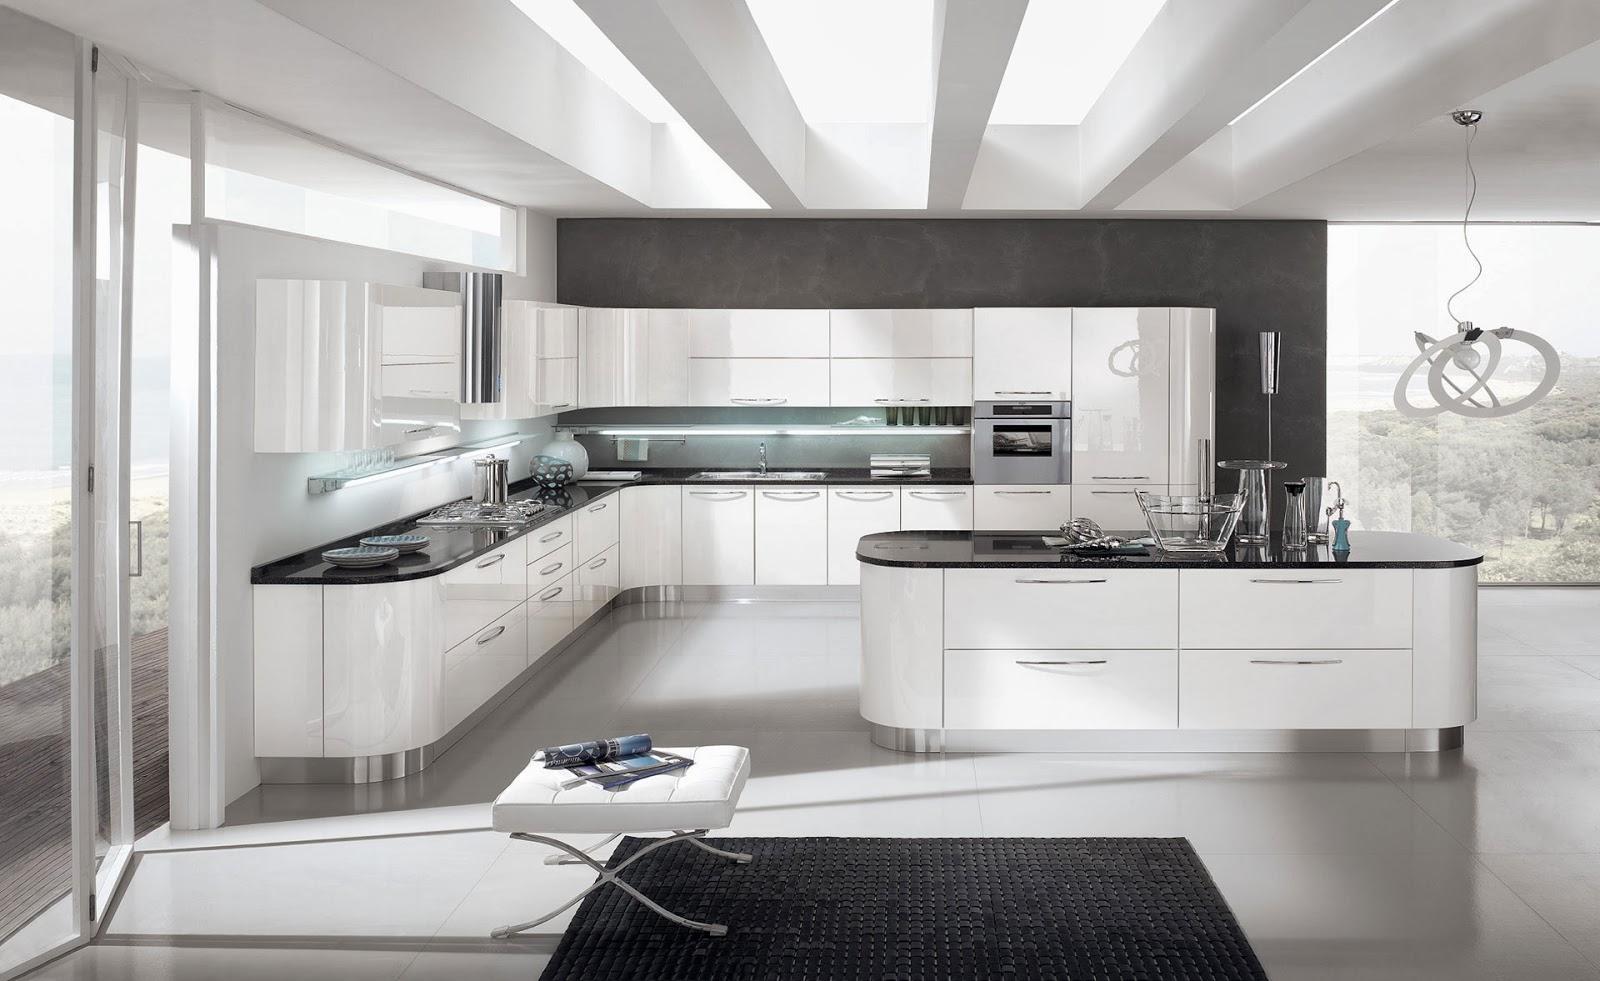 Cocinas descaradamente abiertas cocinas con estilo ideas para dise ar tu cocina - Islas de cocina y camareras ...